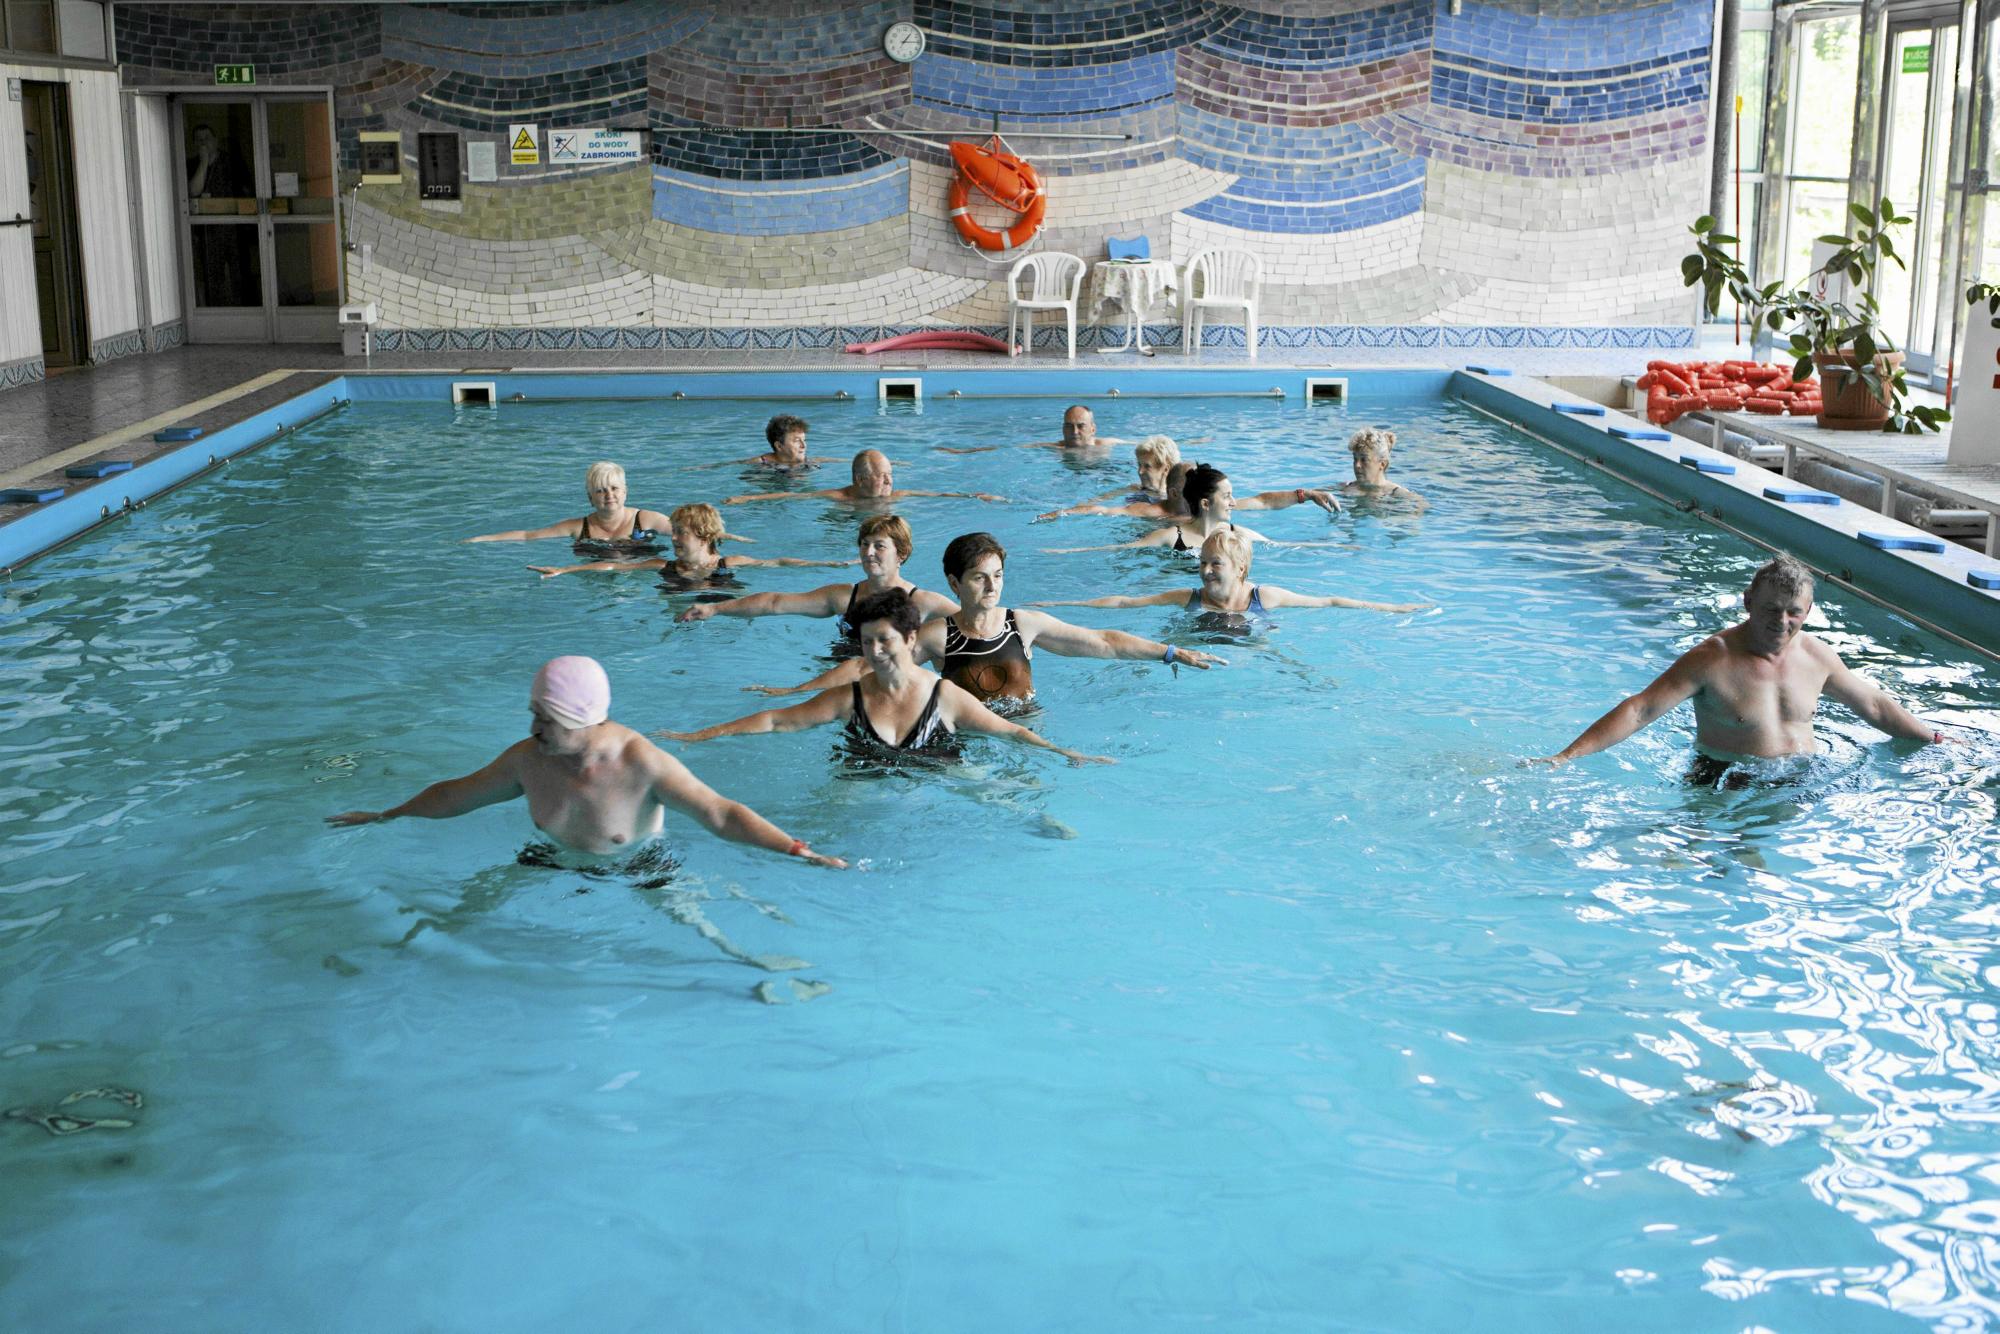 Zajęcia w basenie - aqua fitness (fot: Tomasz Fritz/ Agencja Gazeta)